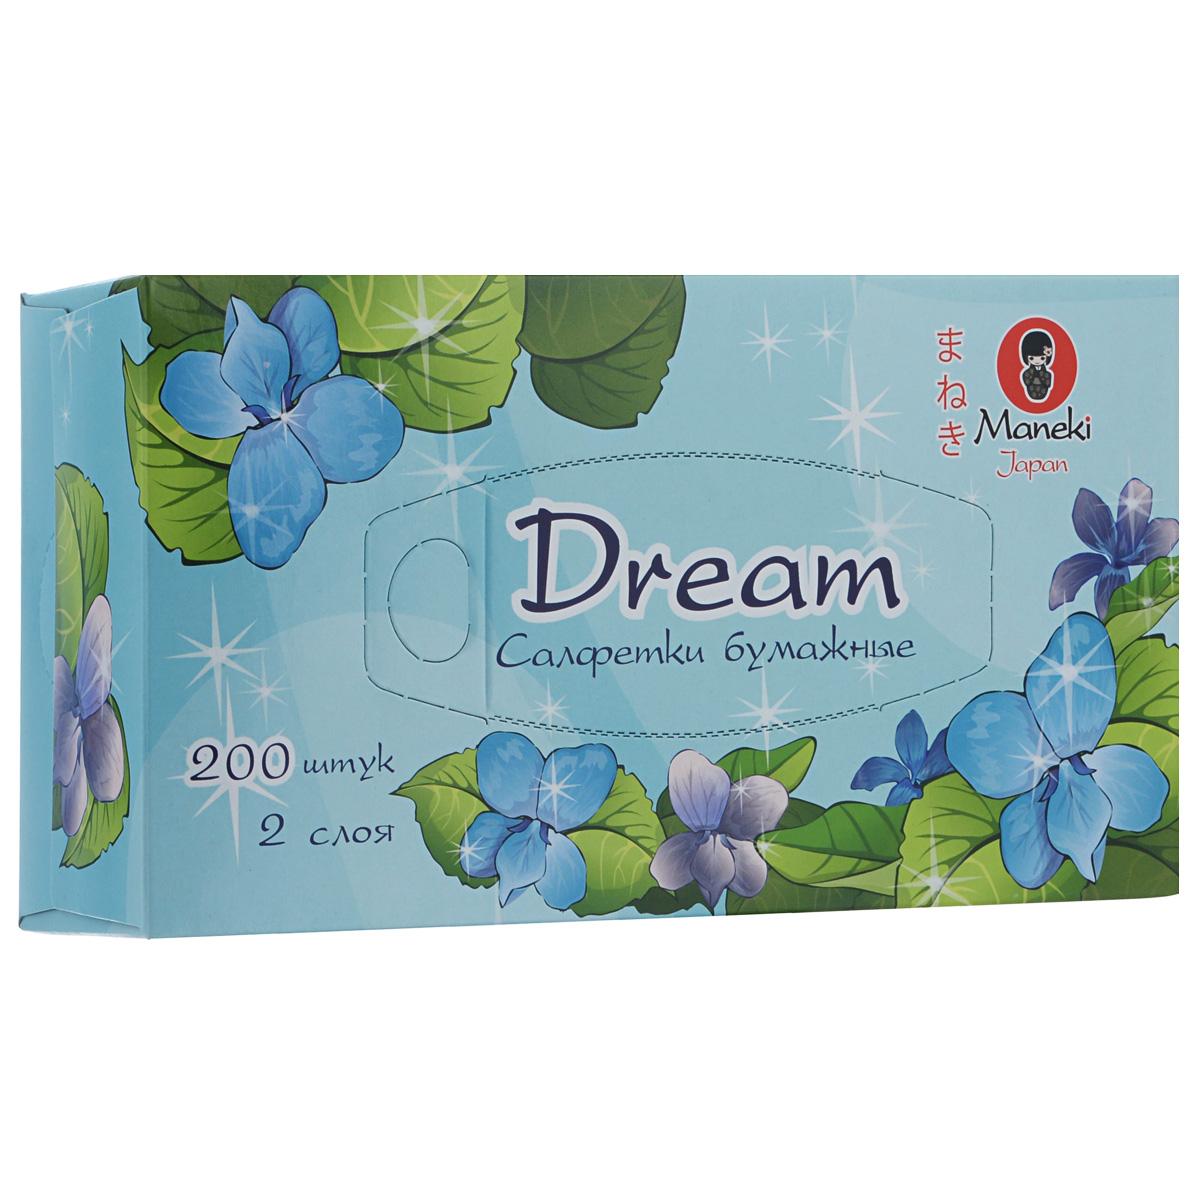 Maneki Салфетки бумажные Dream, двухслойные, цвет: голубой, 200 штFT135/36360050Двухслойные бумажные салфетки Maneki Dream, выполненные из натуральной экологически чистой целлюлозы, подарят превосходный комфорт и ощущение чистоты и свежести. Салфетки упакованы в коробку, поэтому их удобно использовать дома или взять с собой в офис или машину. Не содержат хлор.